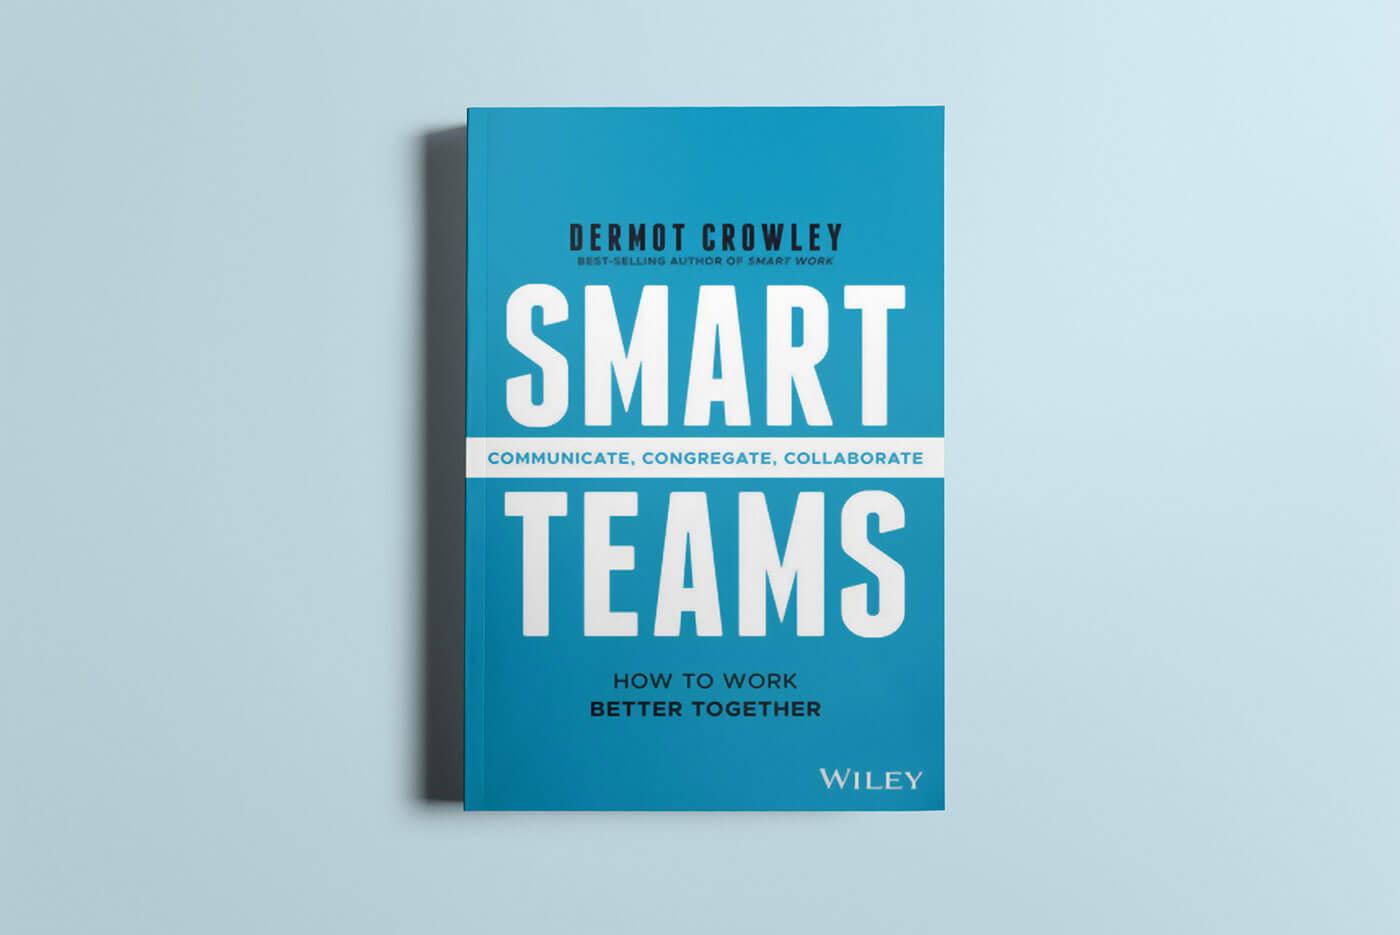 """Book cover of """"Smart Teams"""" by Dermot Crowley"""